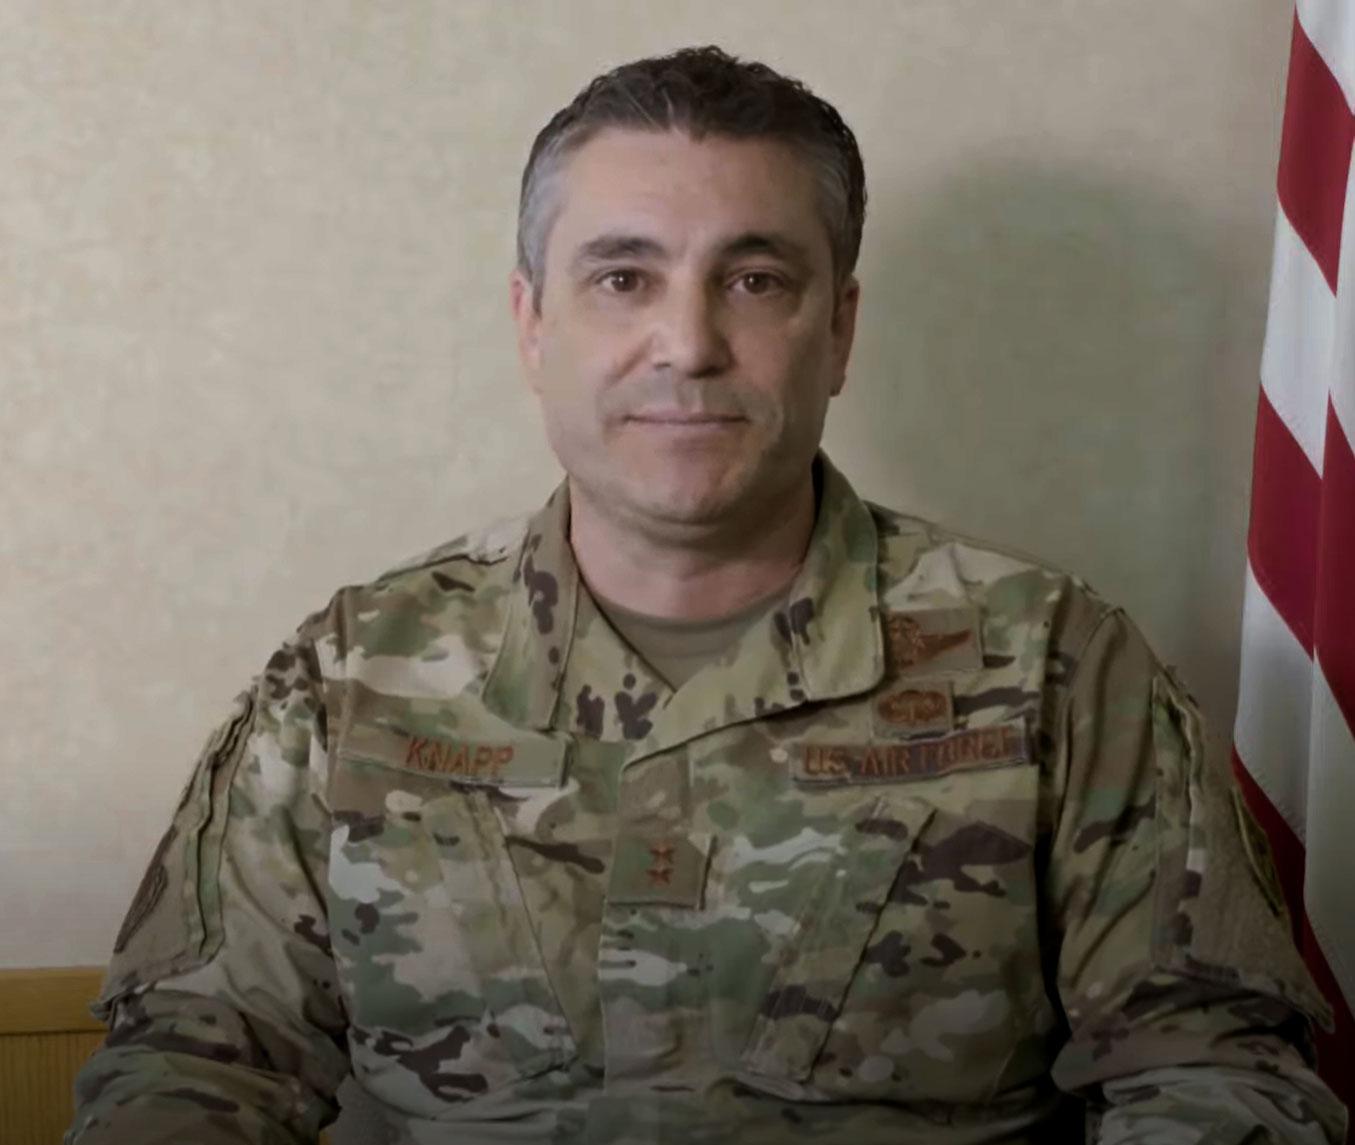 Adjutant General Paul Knapp